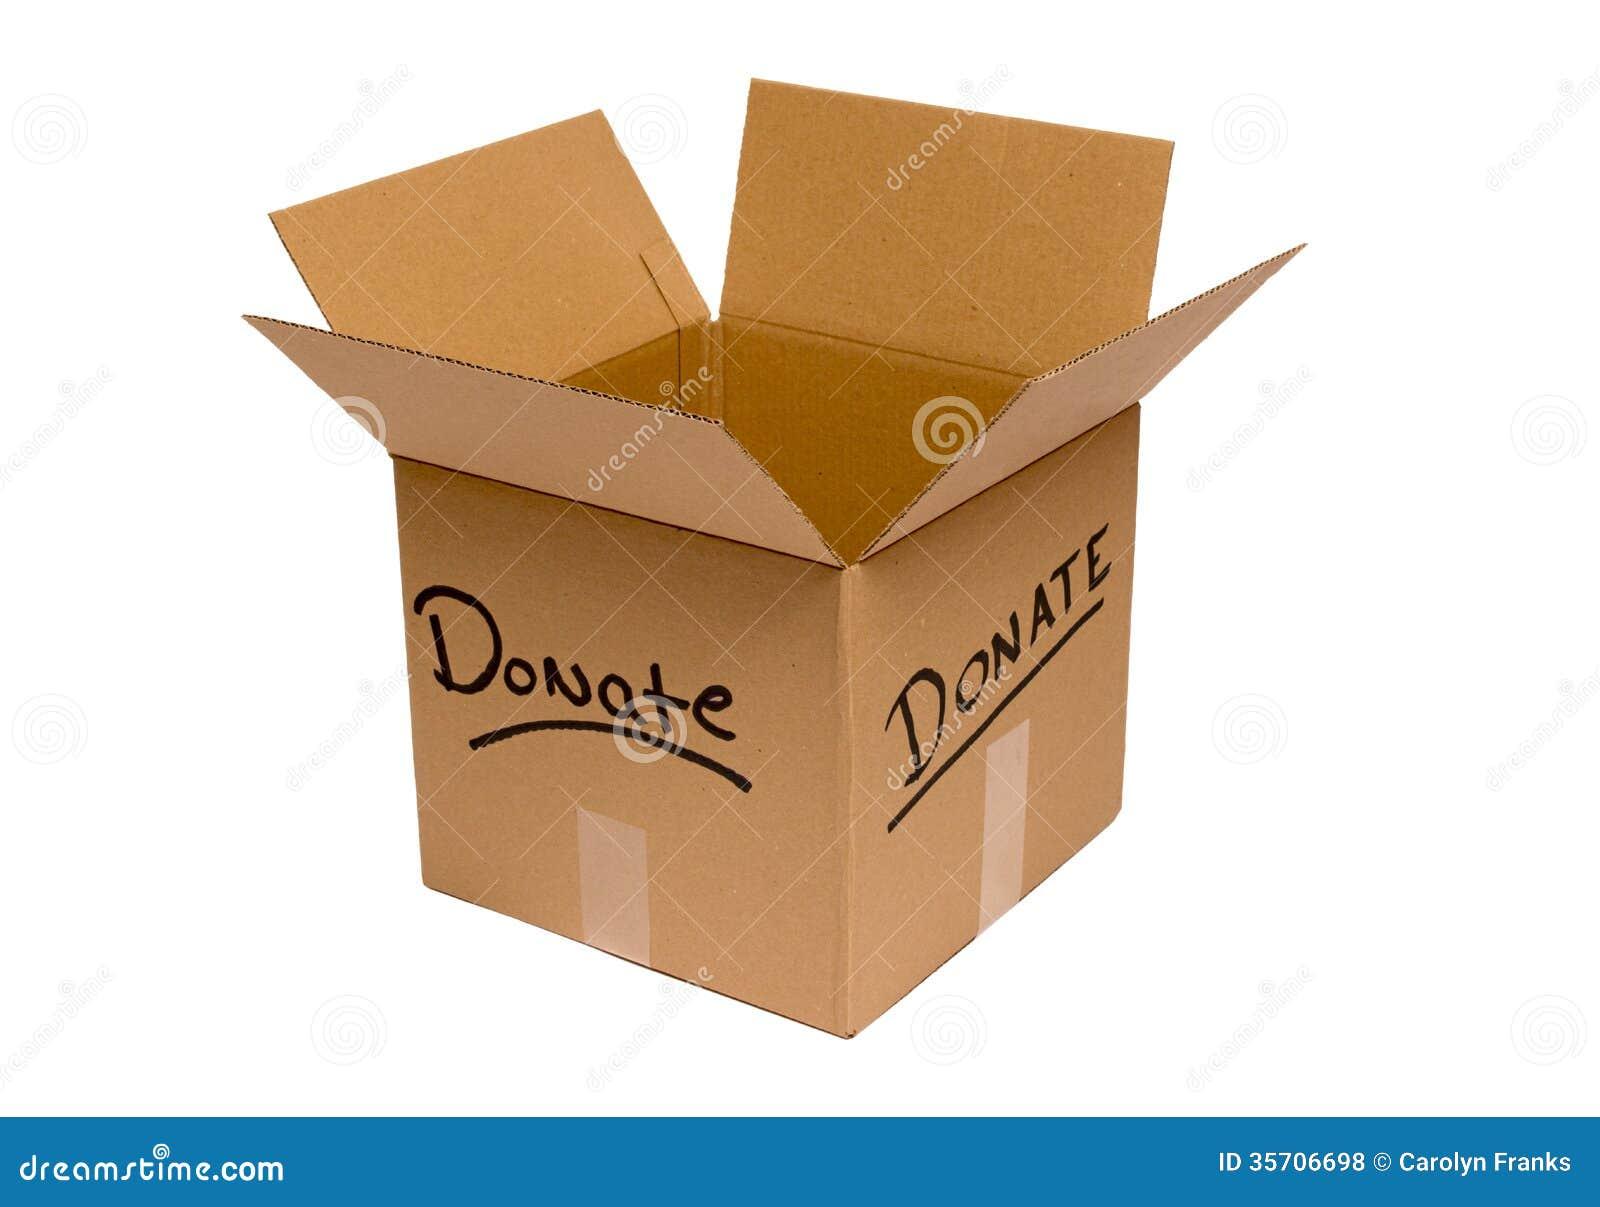 Empty Donation Box Isolated Royalty Free Stock Photos ...